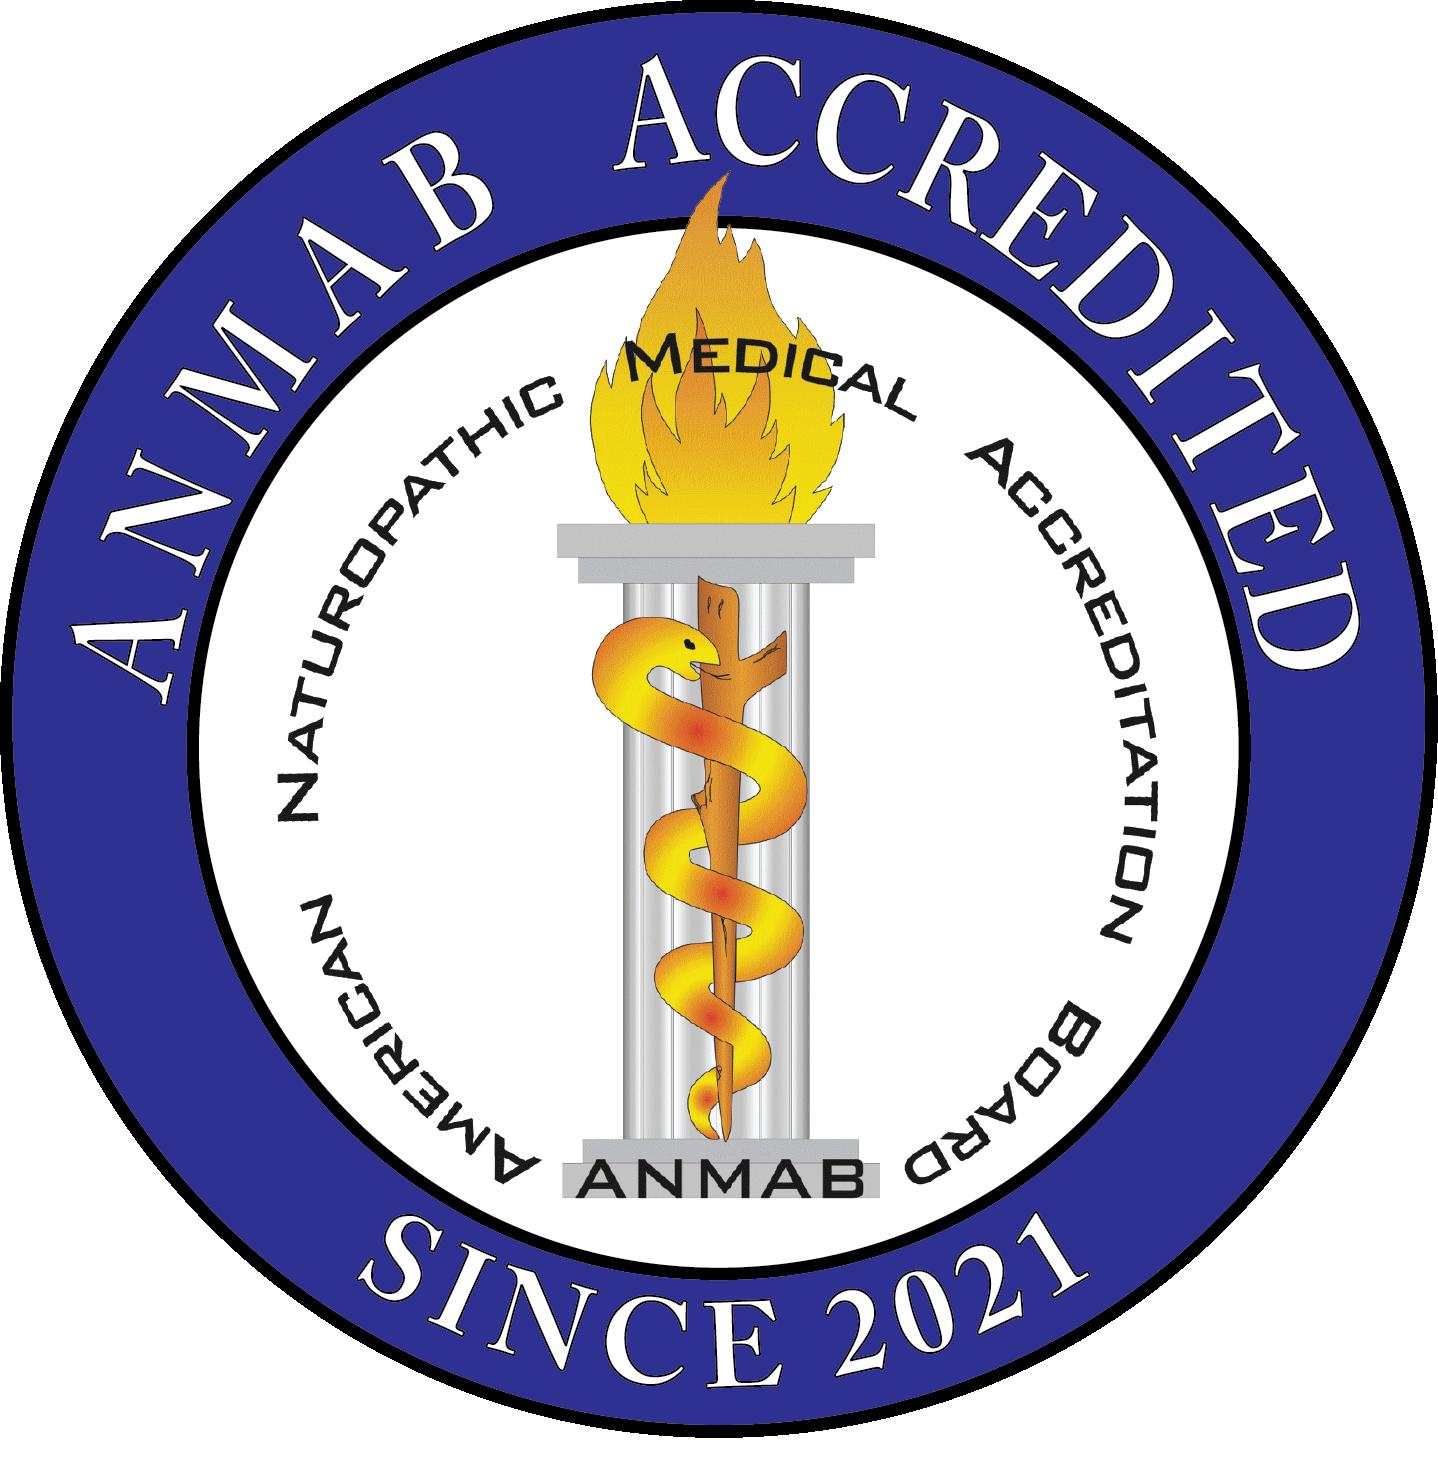 ANMAB LOGO certified